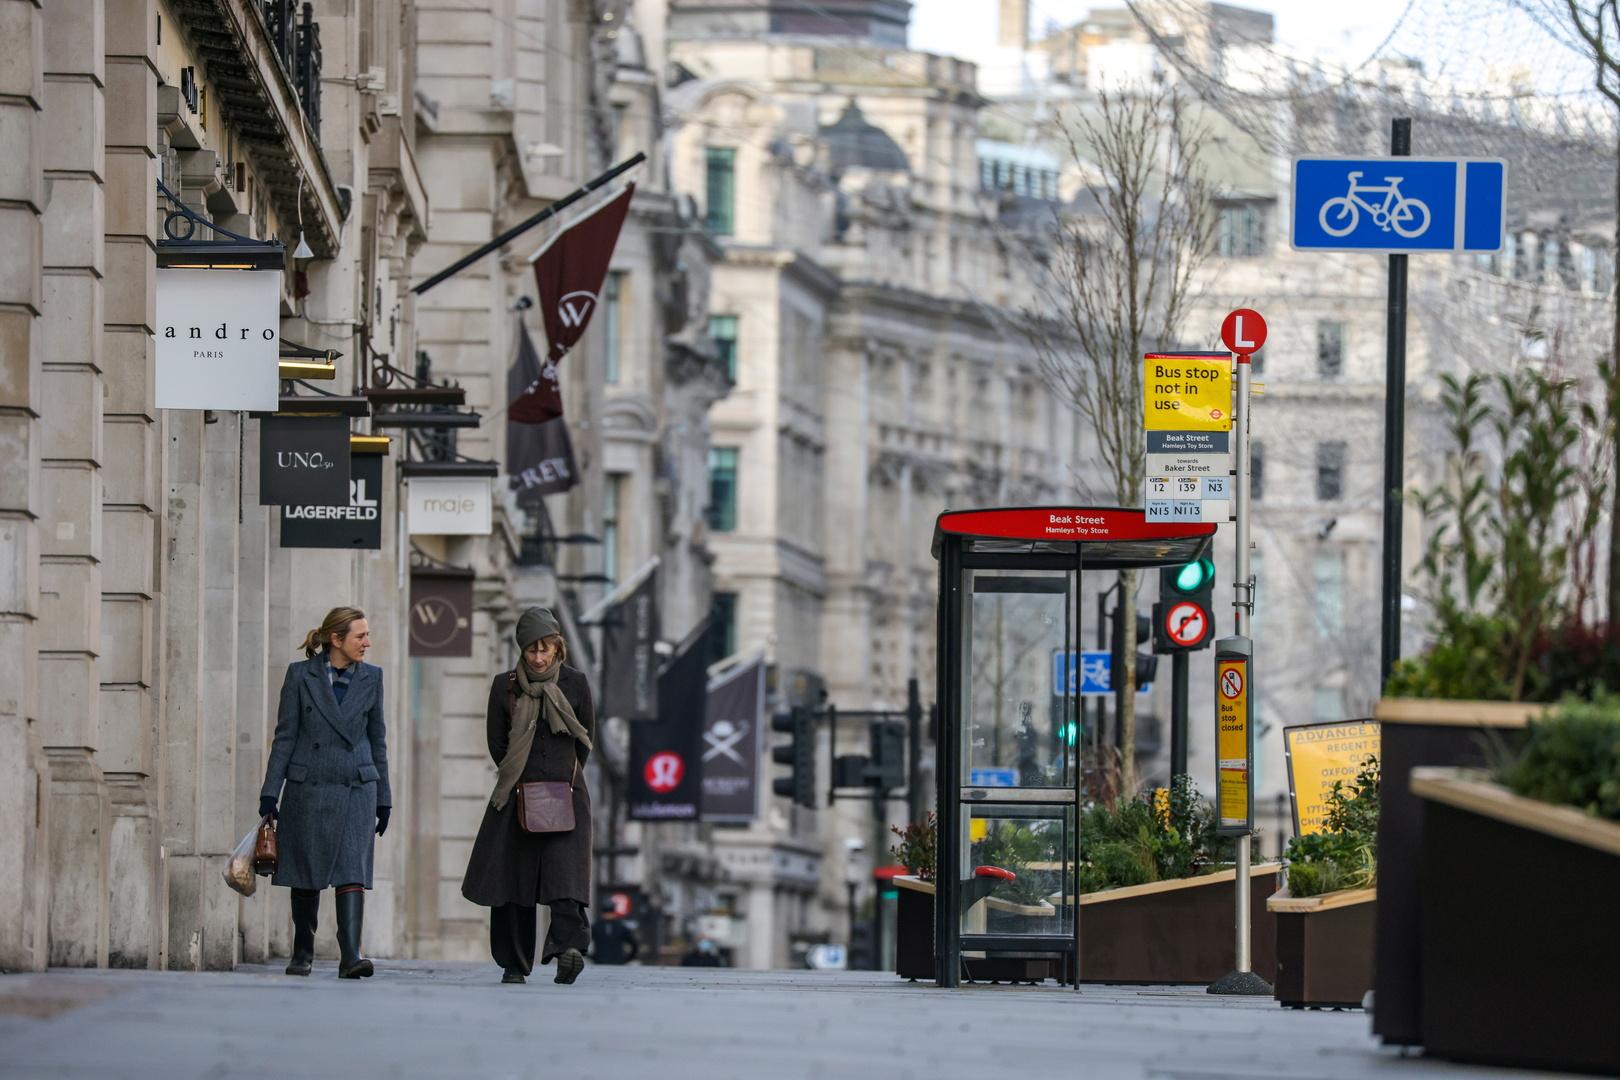 سيدتان تمشيان في أحد شوارع لندن